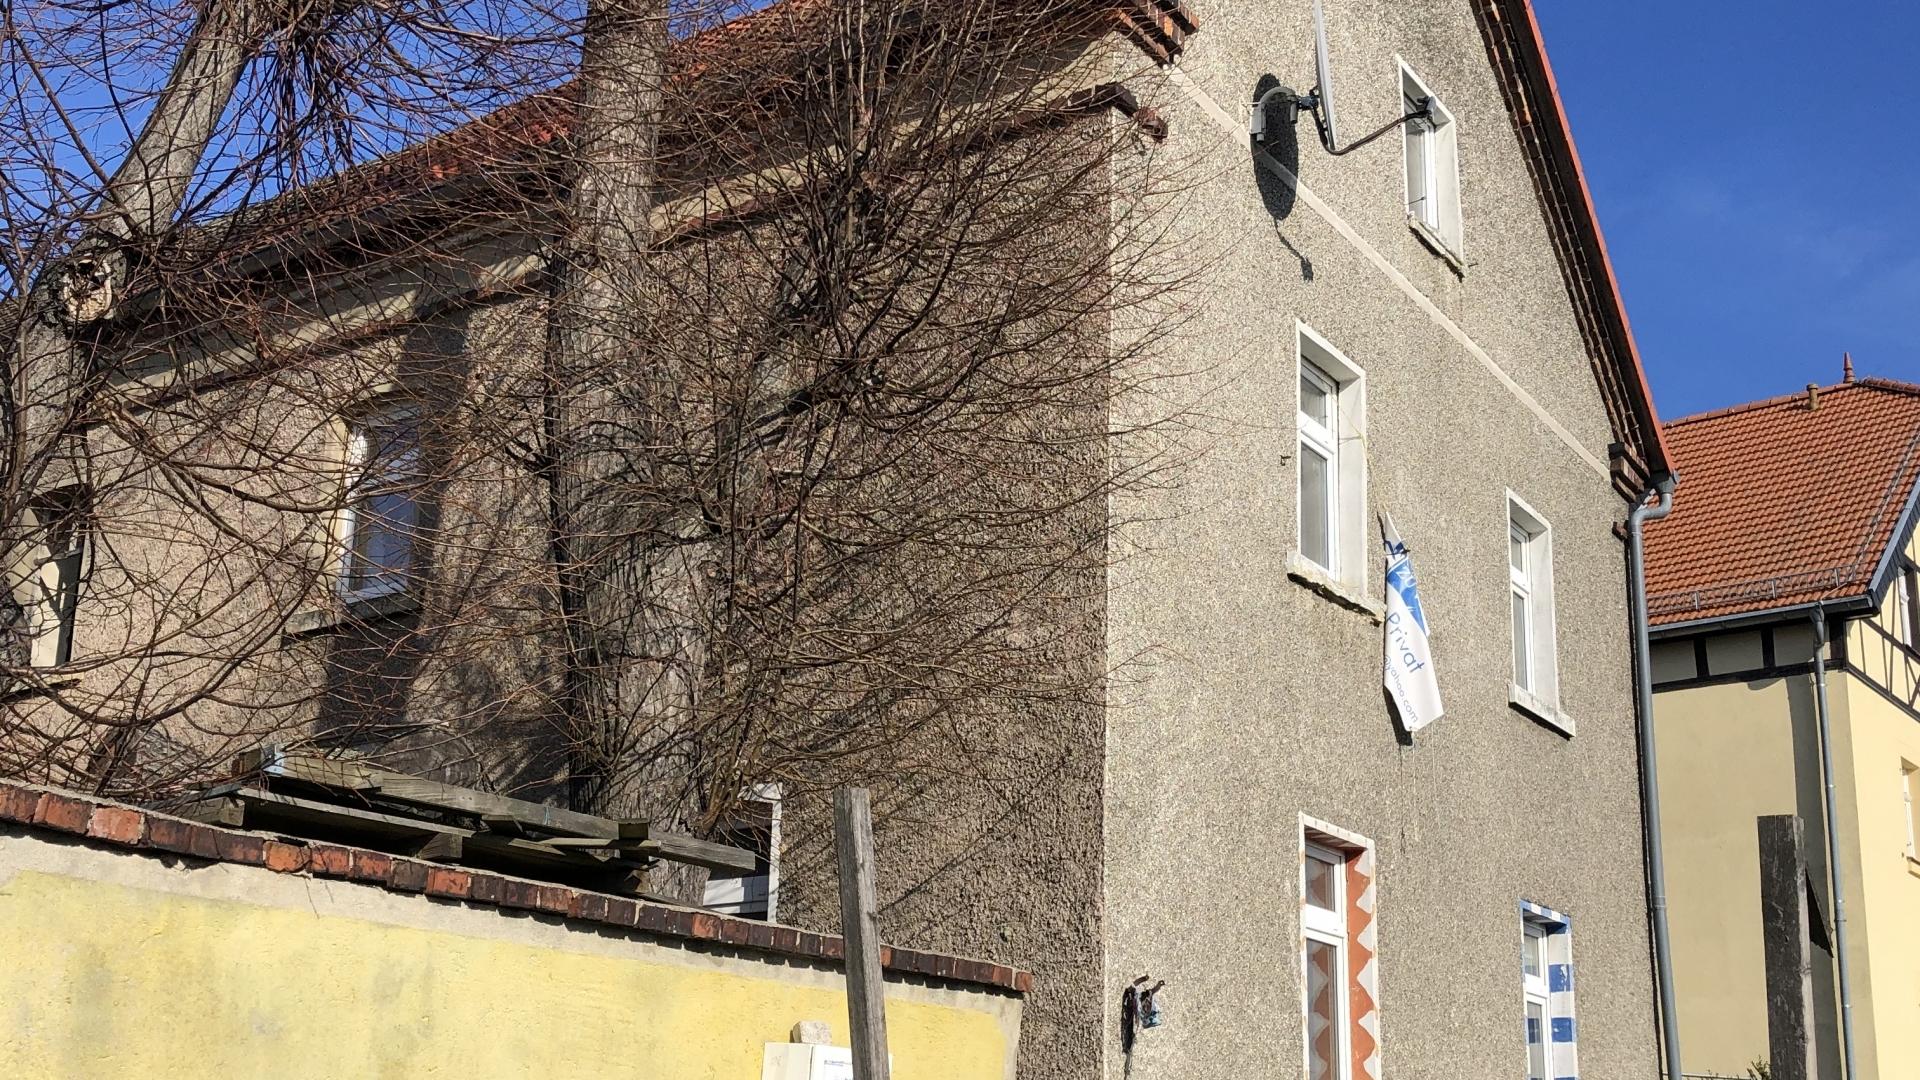 Wohnen in der wunderschönen Kurstadt - Ihr neues Zuhause in Bad Lausick